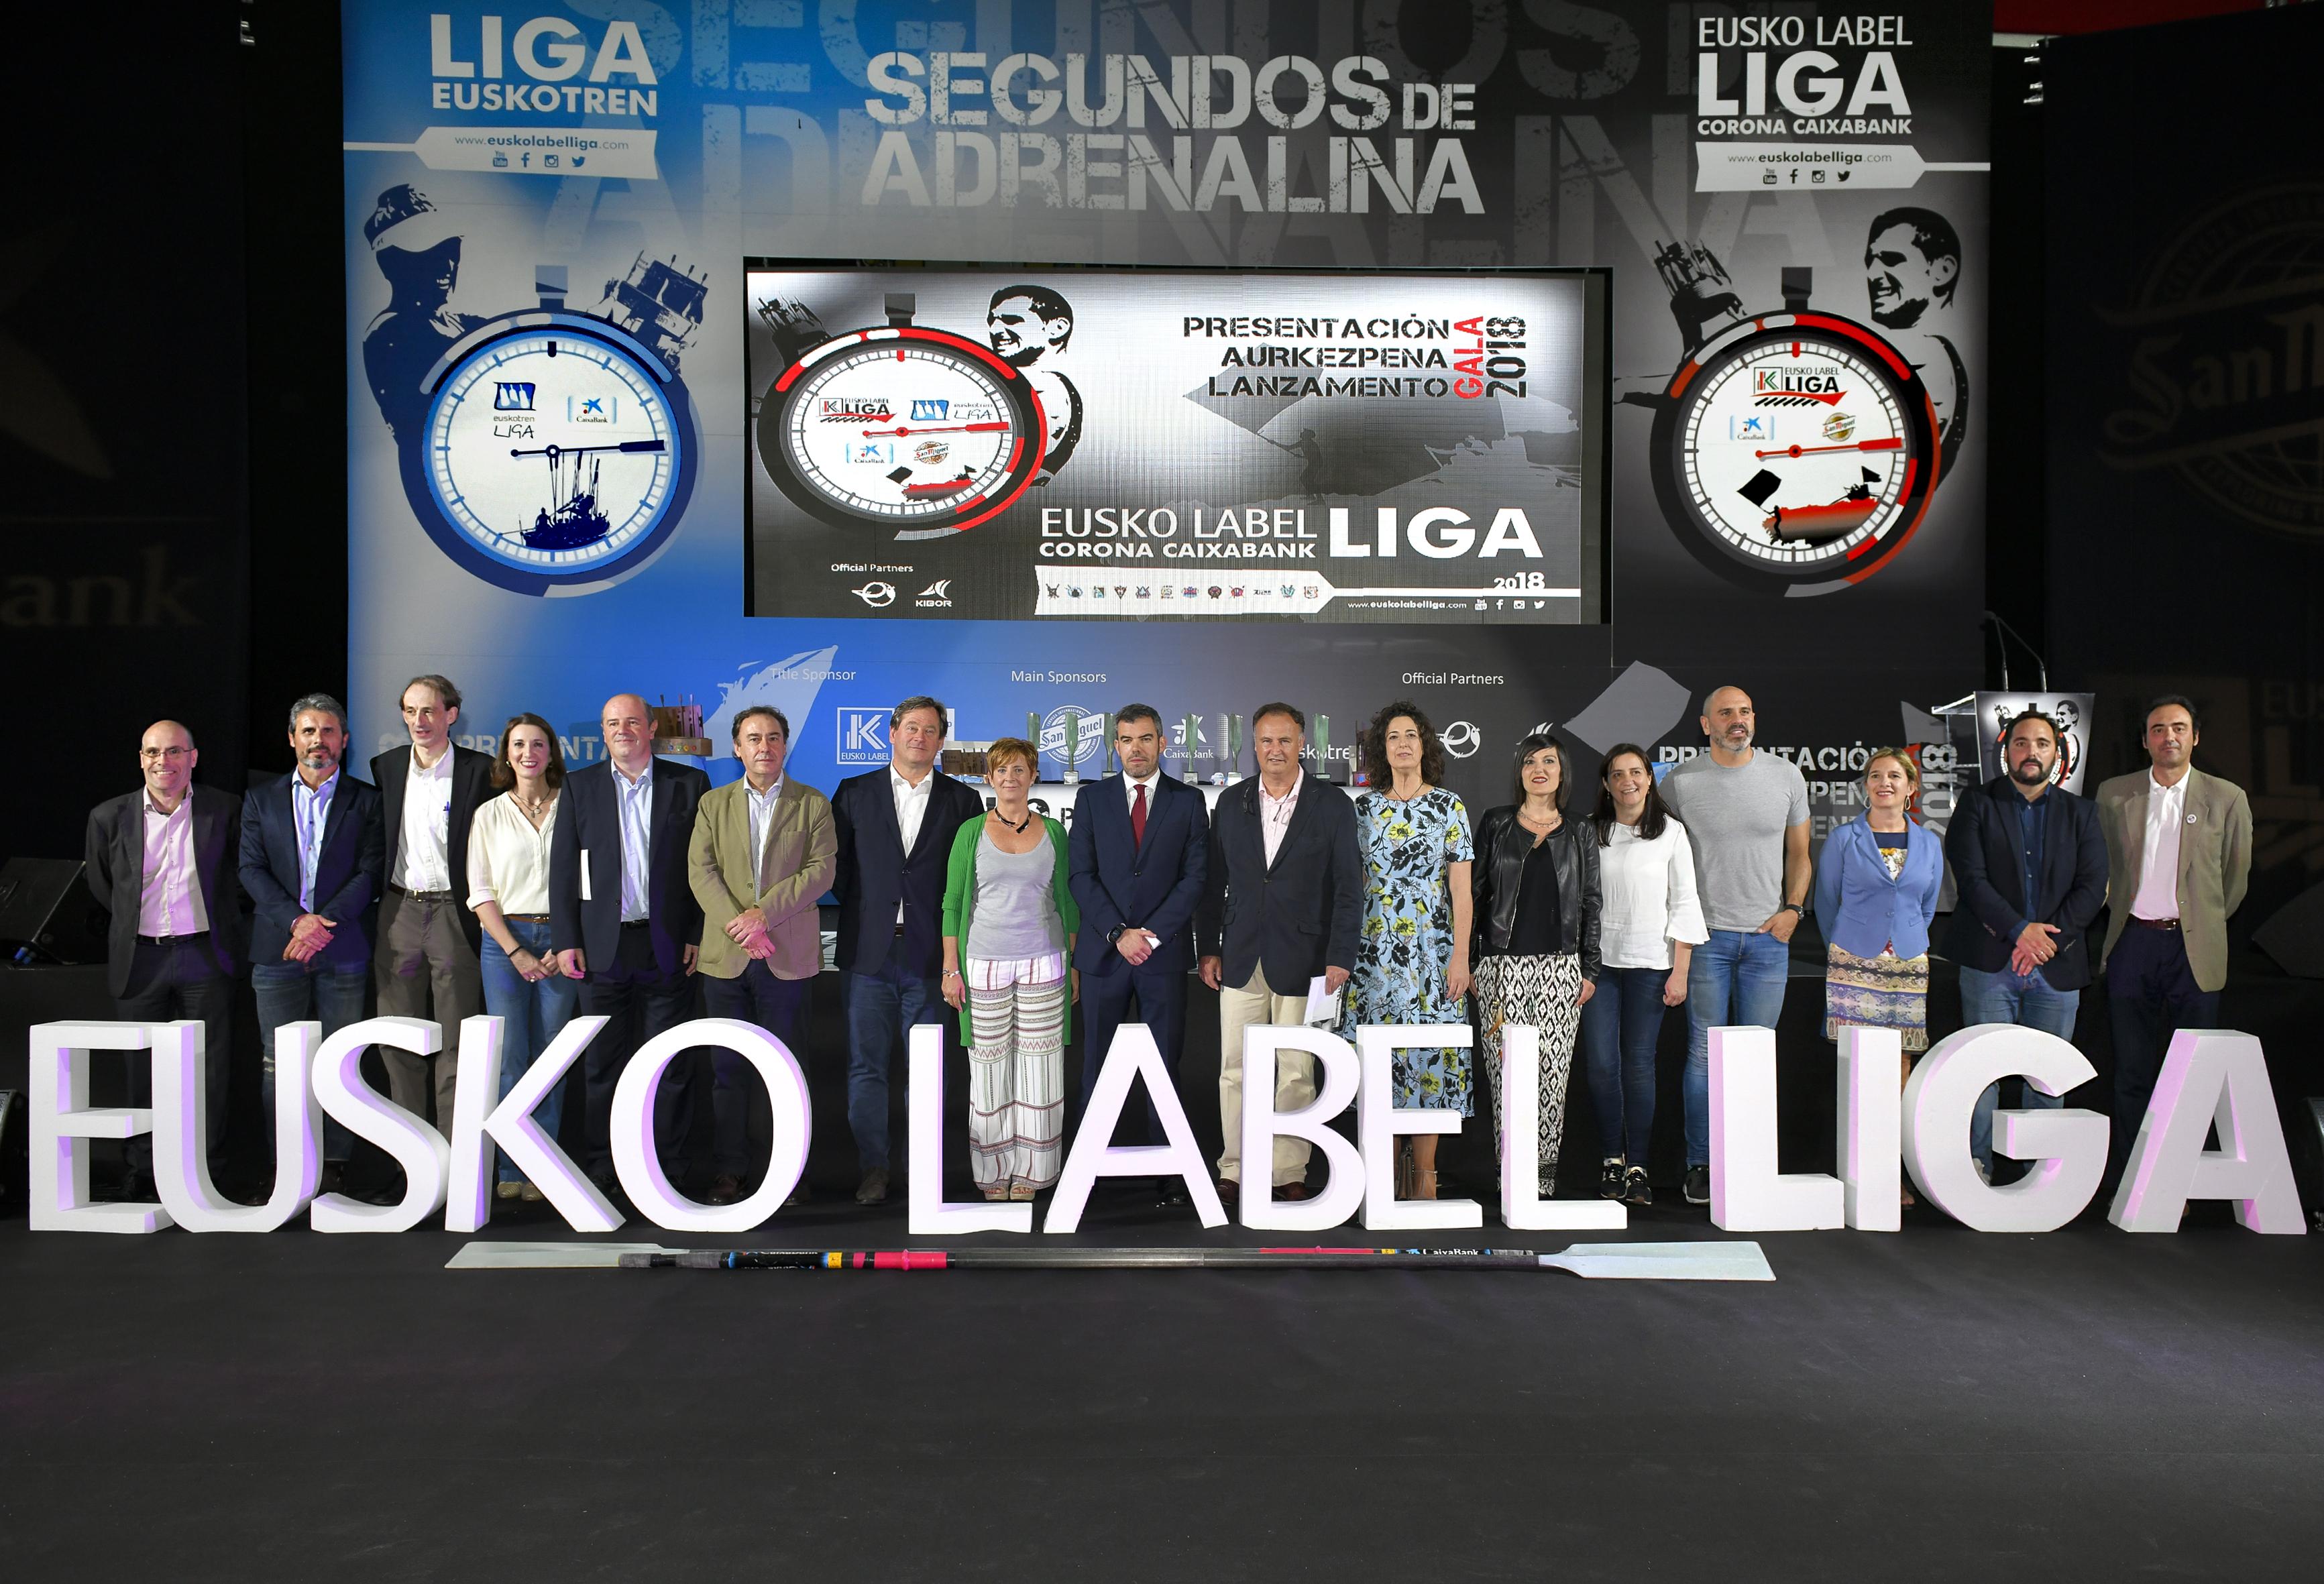 Liga_Euskotren_eta_Euskolabel_03.jpg